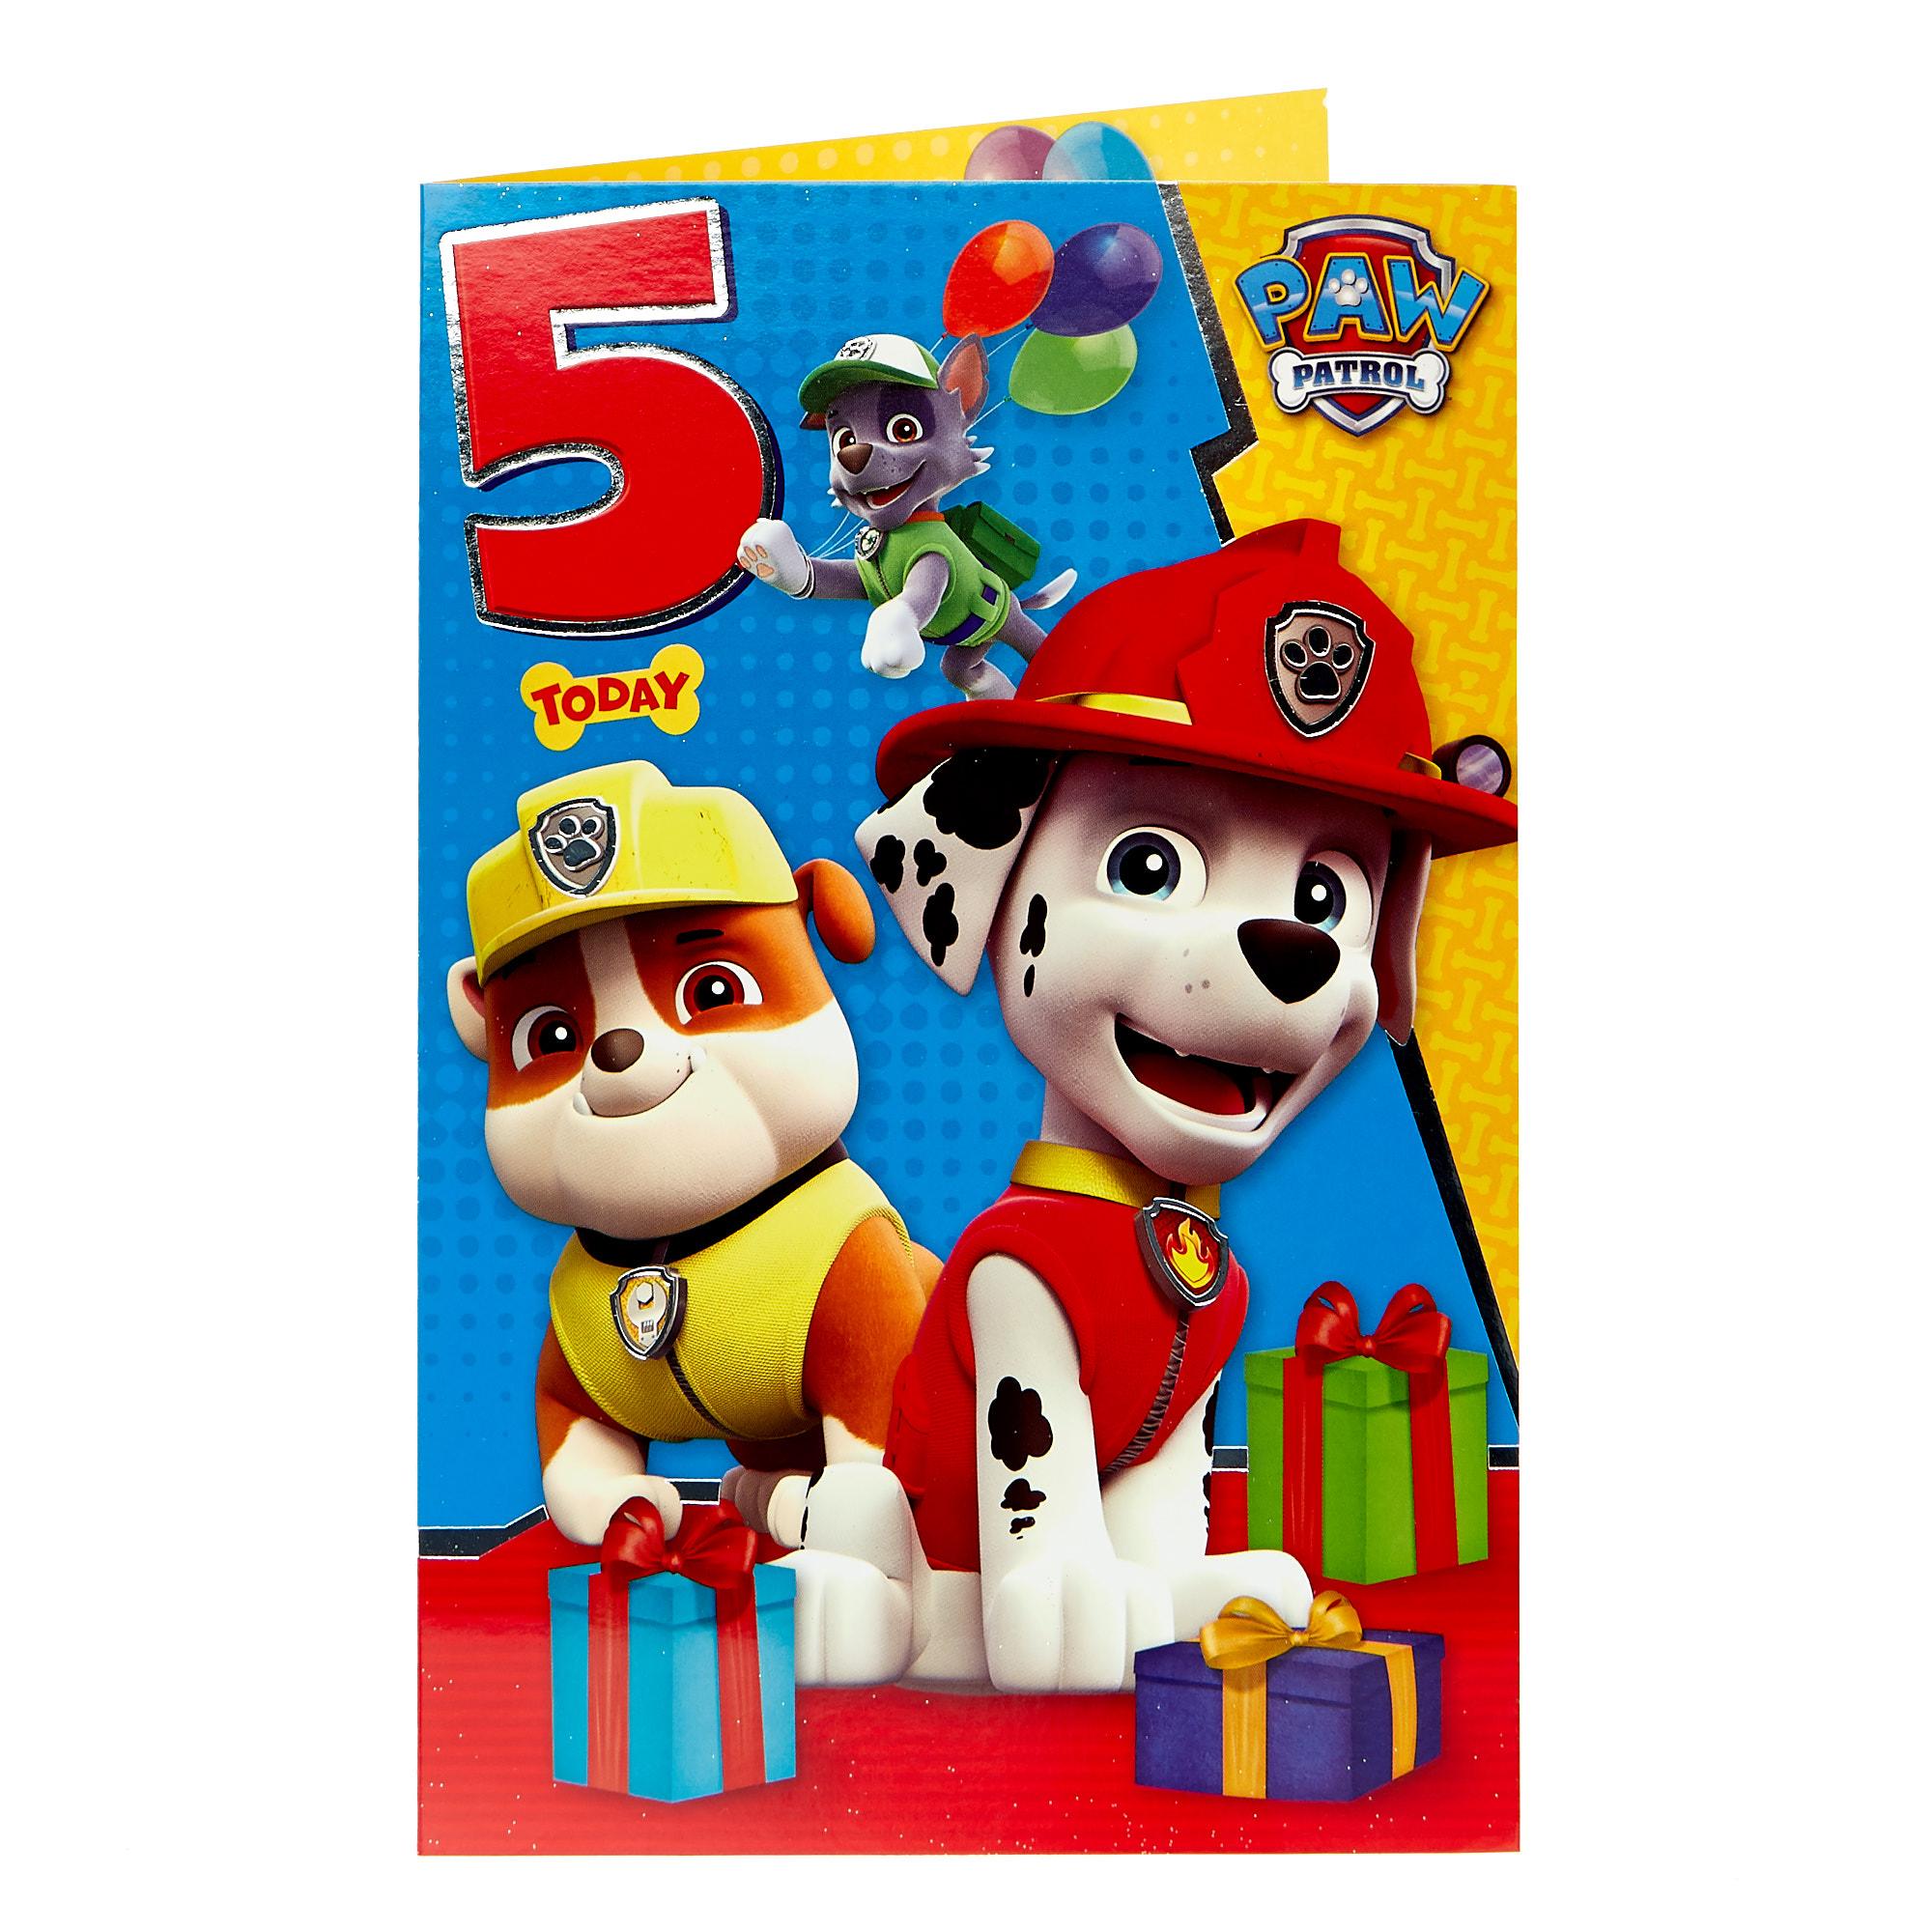 buy paw patrol 5th birthday card for gbp 099  card